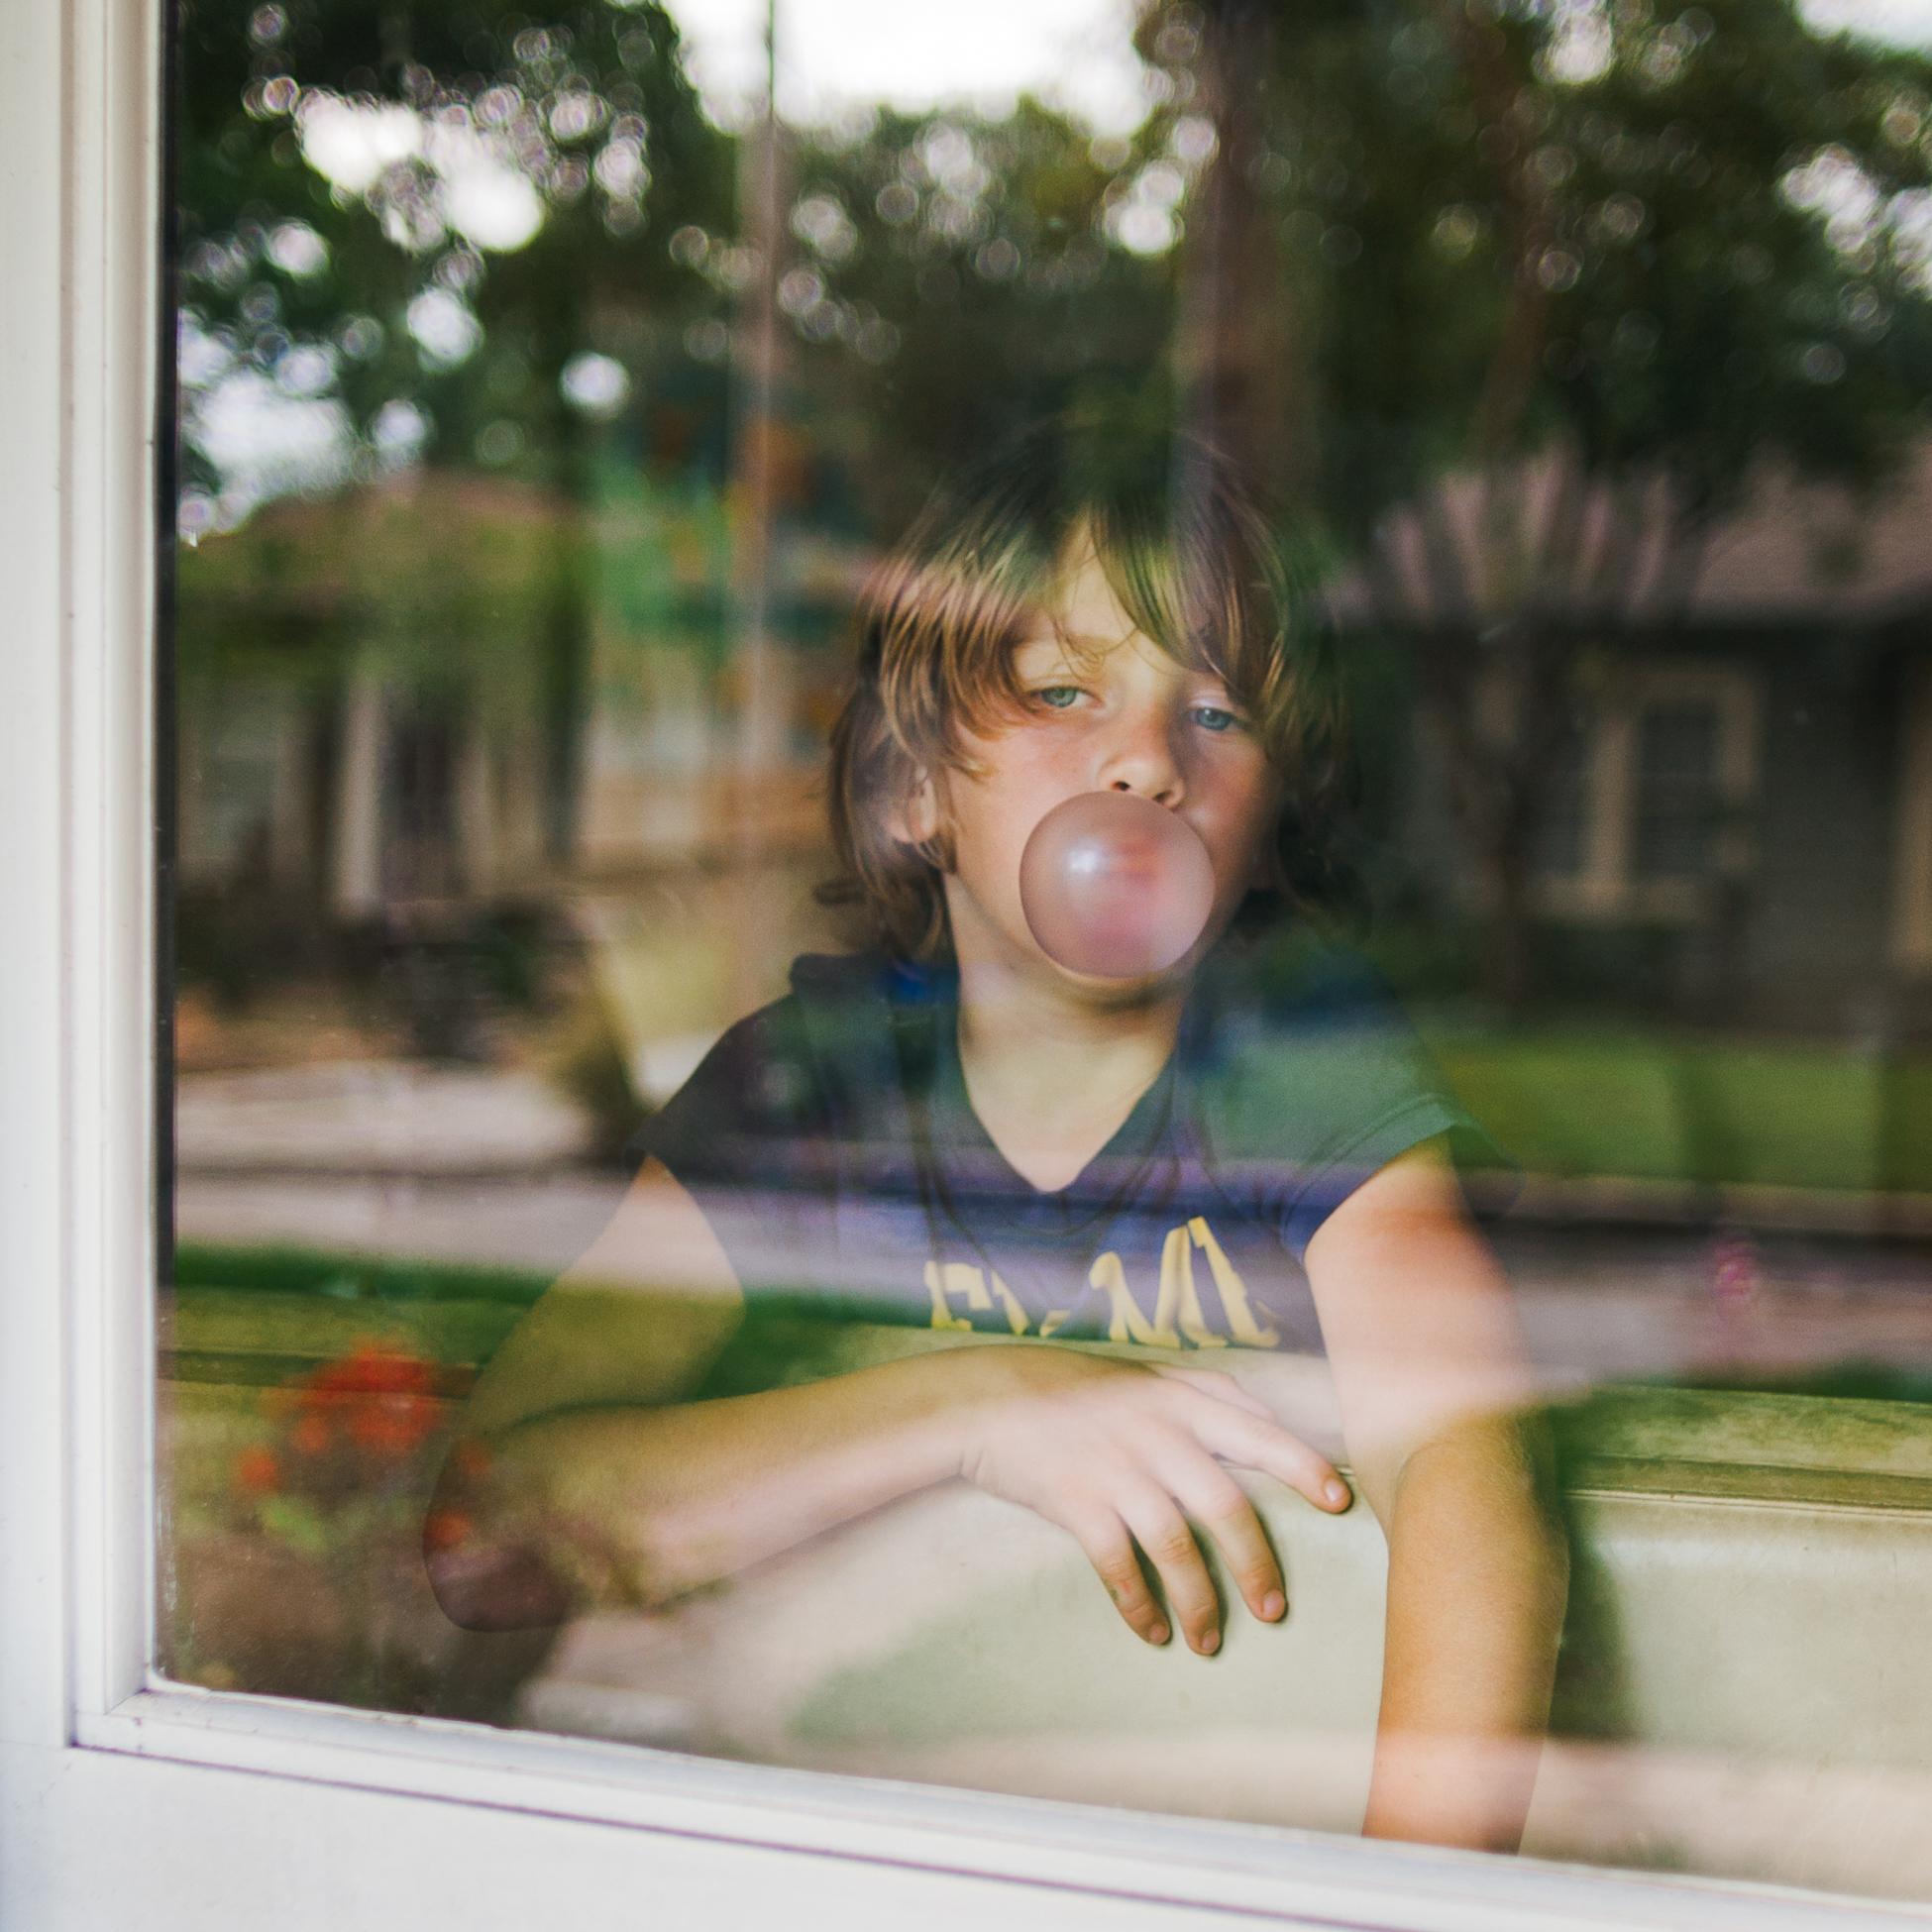 Waiting, Tampa, 2012